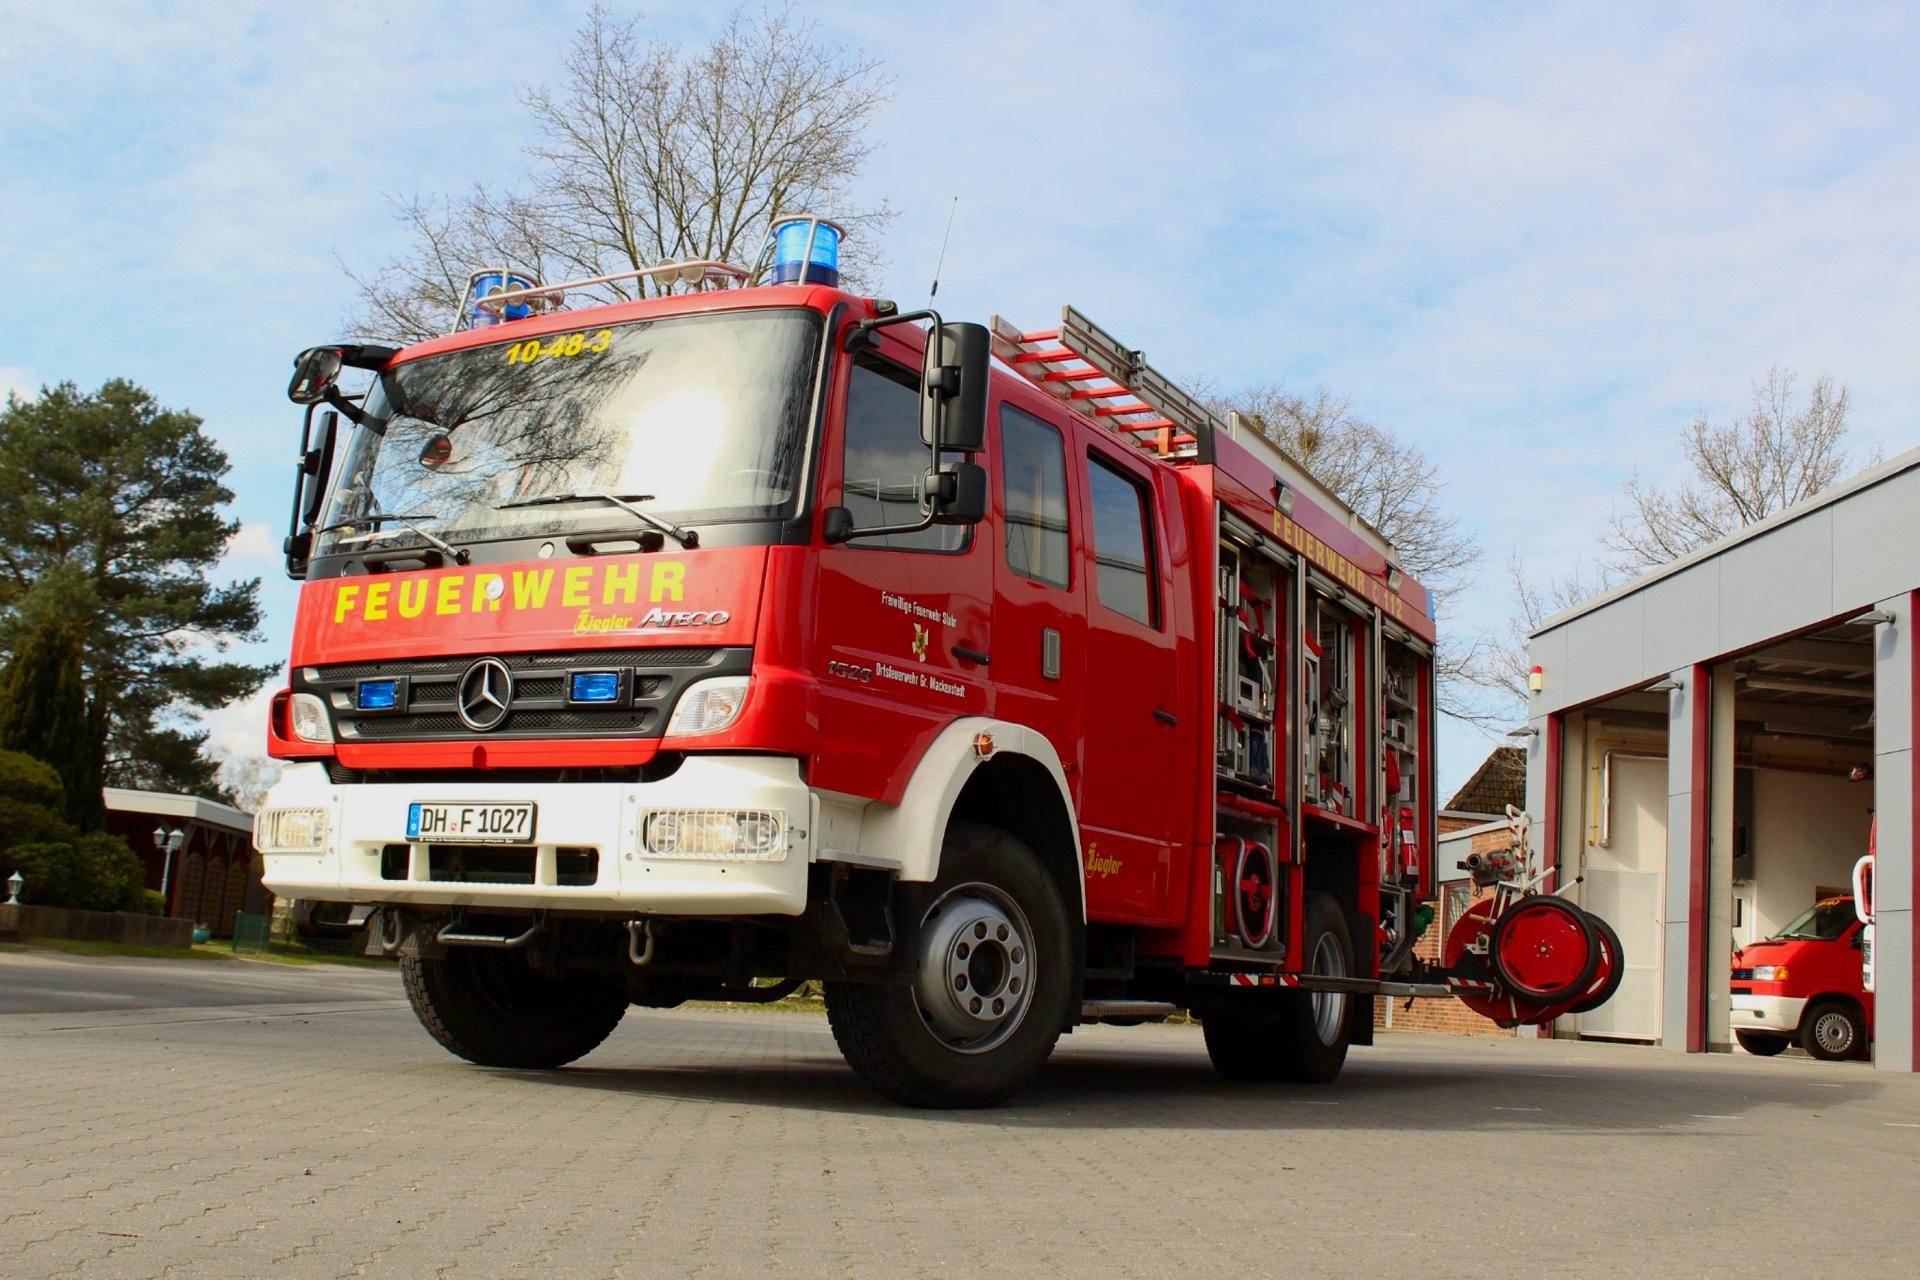 Brandeinsatz - Brandmeldeanlage